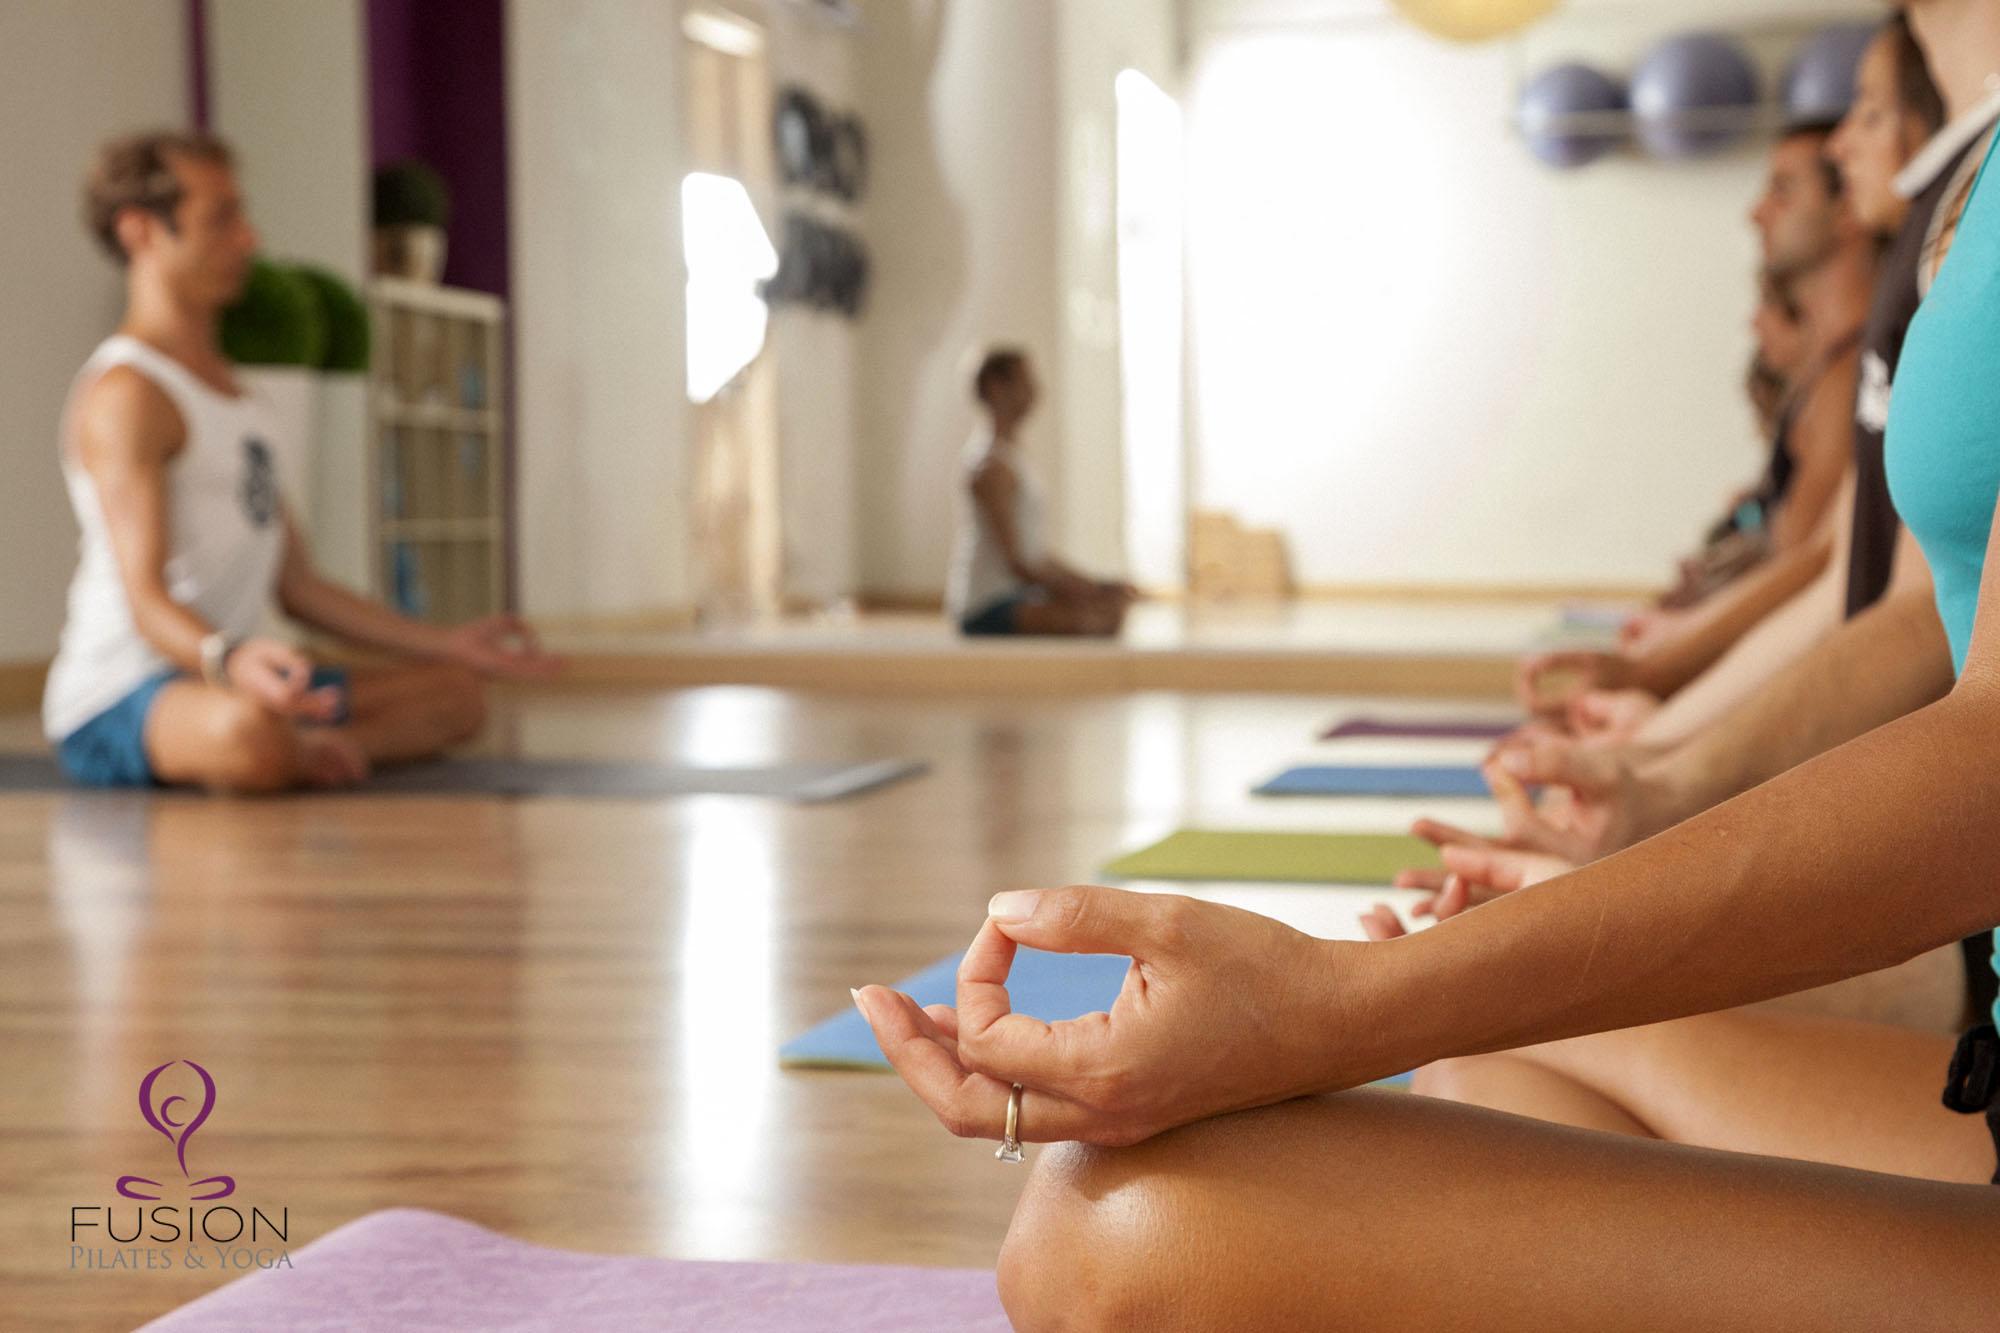 Una respirazione profonda aiuta a camlmare la mente e a migliorare le funzioni del corpo